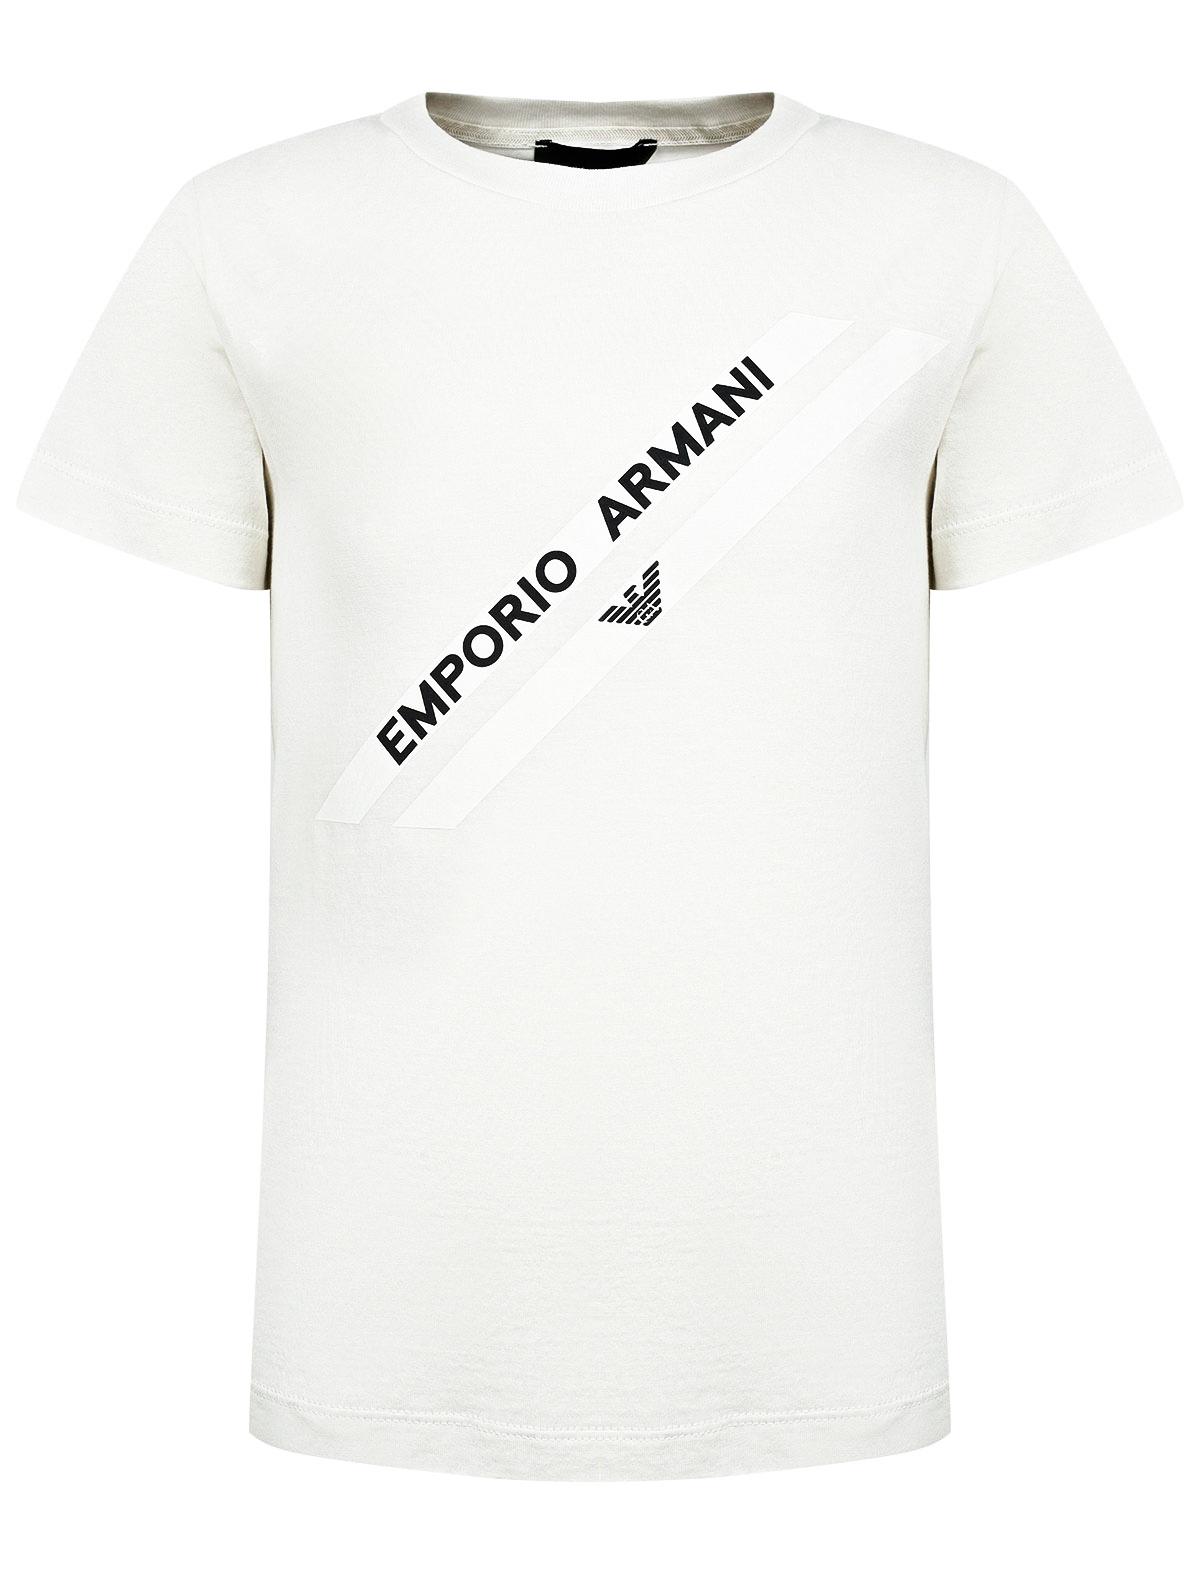 Купить 2290799, Футболка Armani Junior, белый, Мужской, 1134519176853